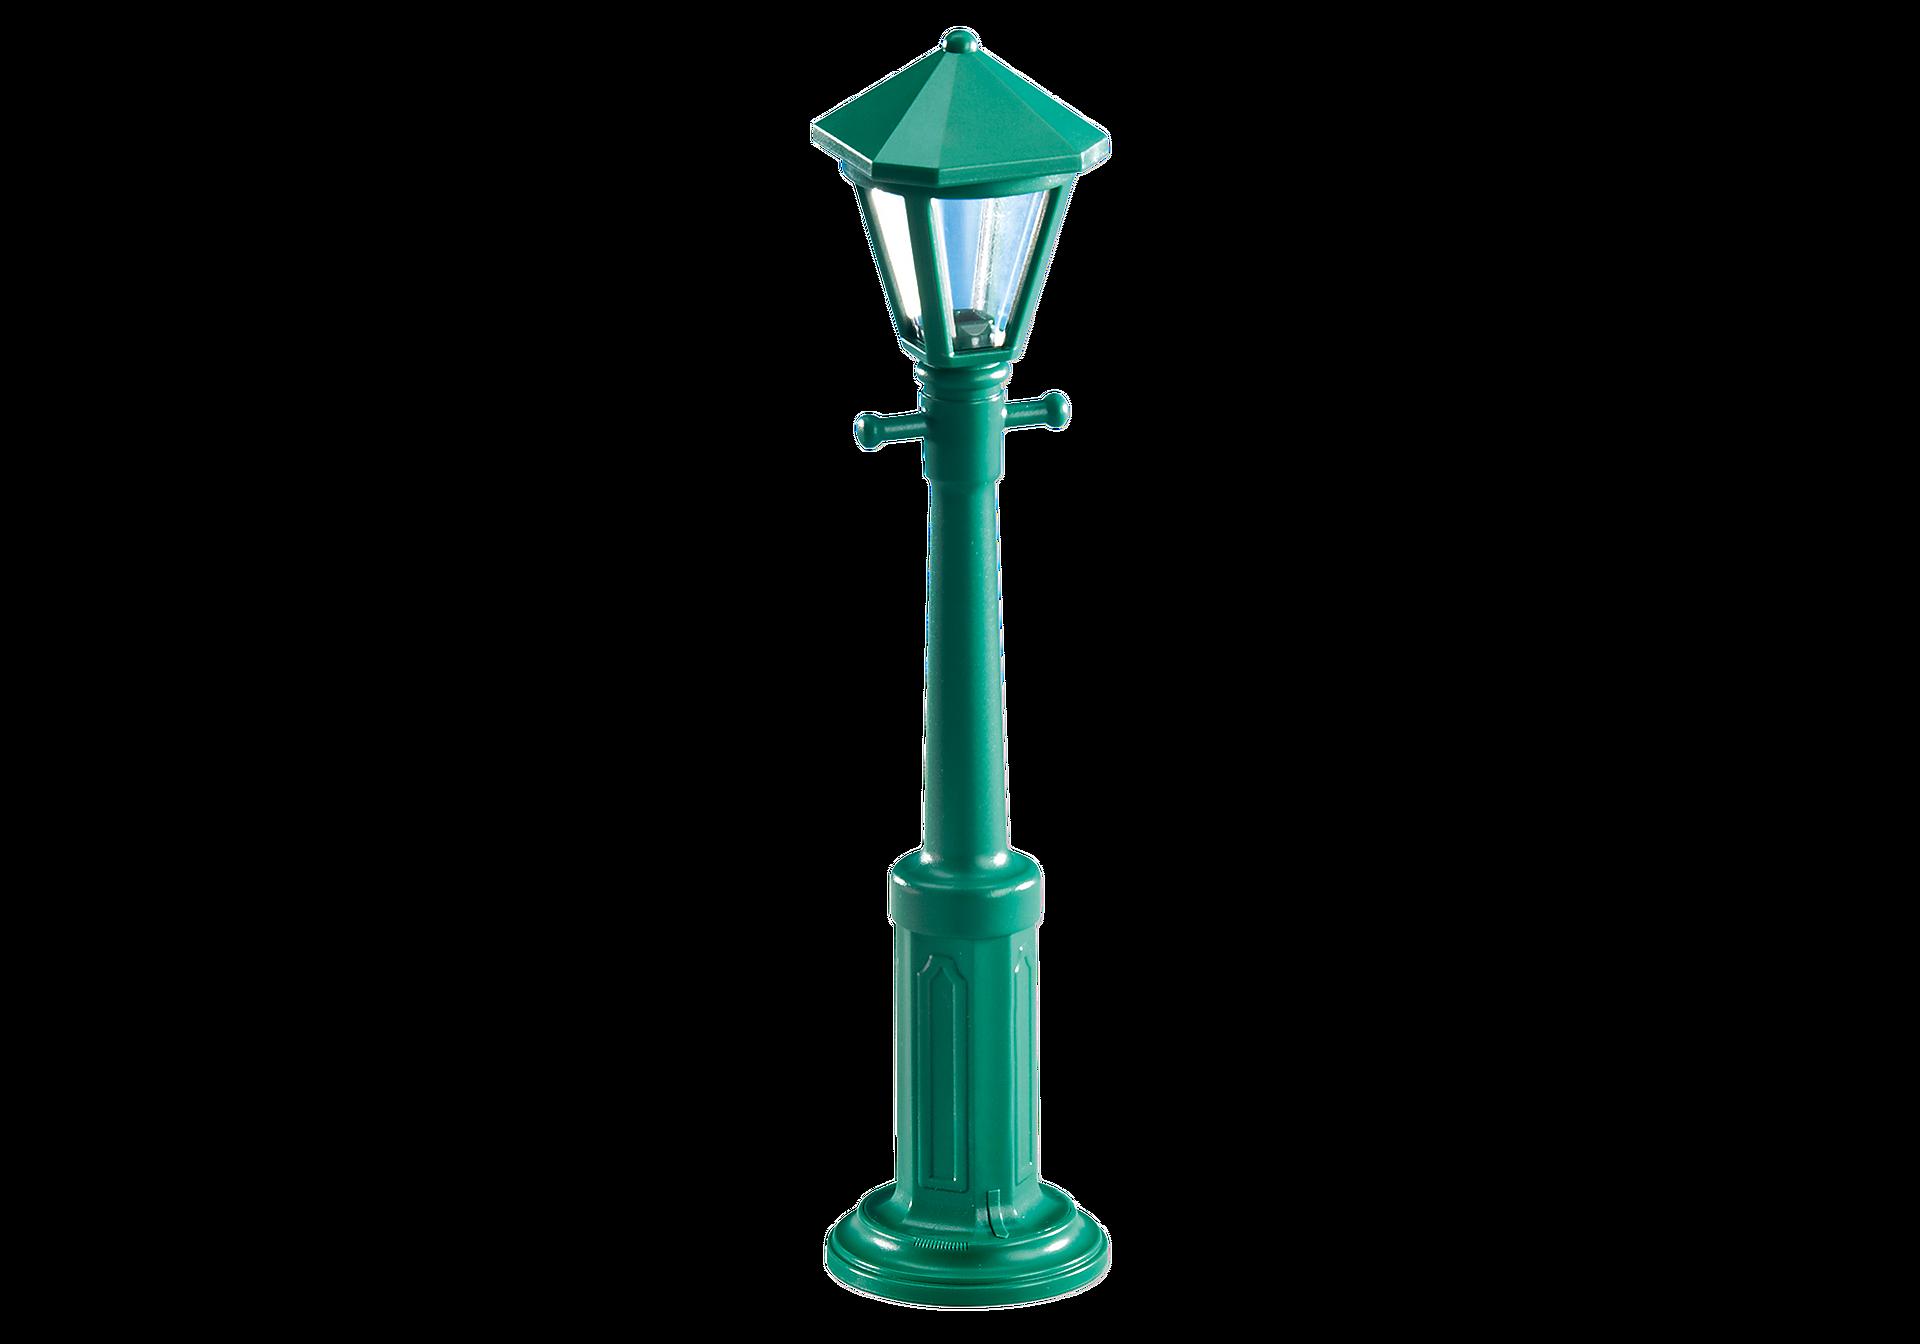 6465 Vintage Street Lamp zoom image1